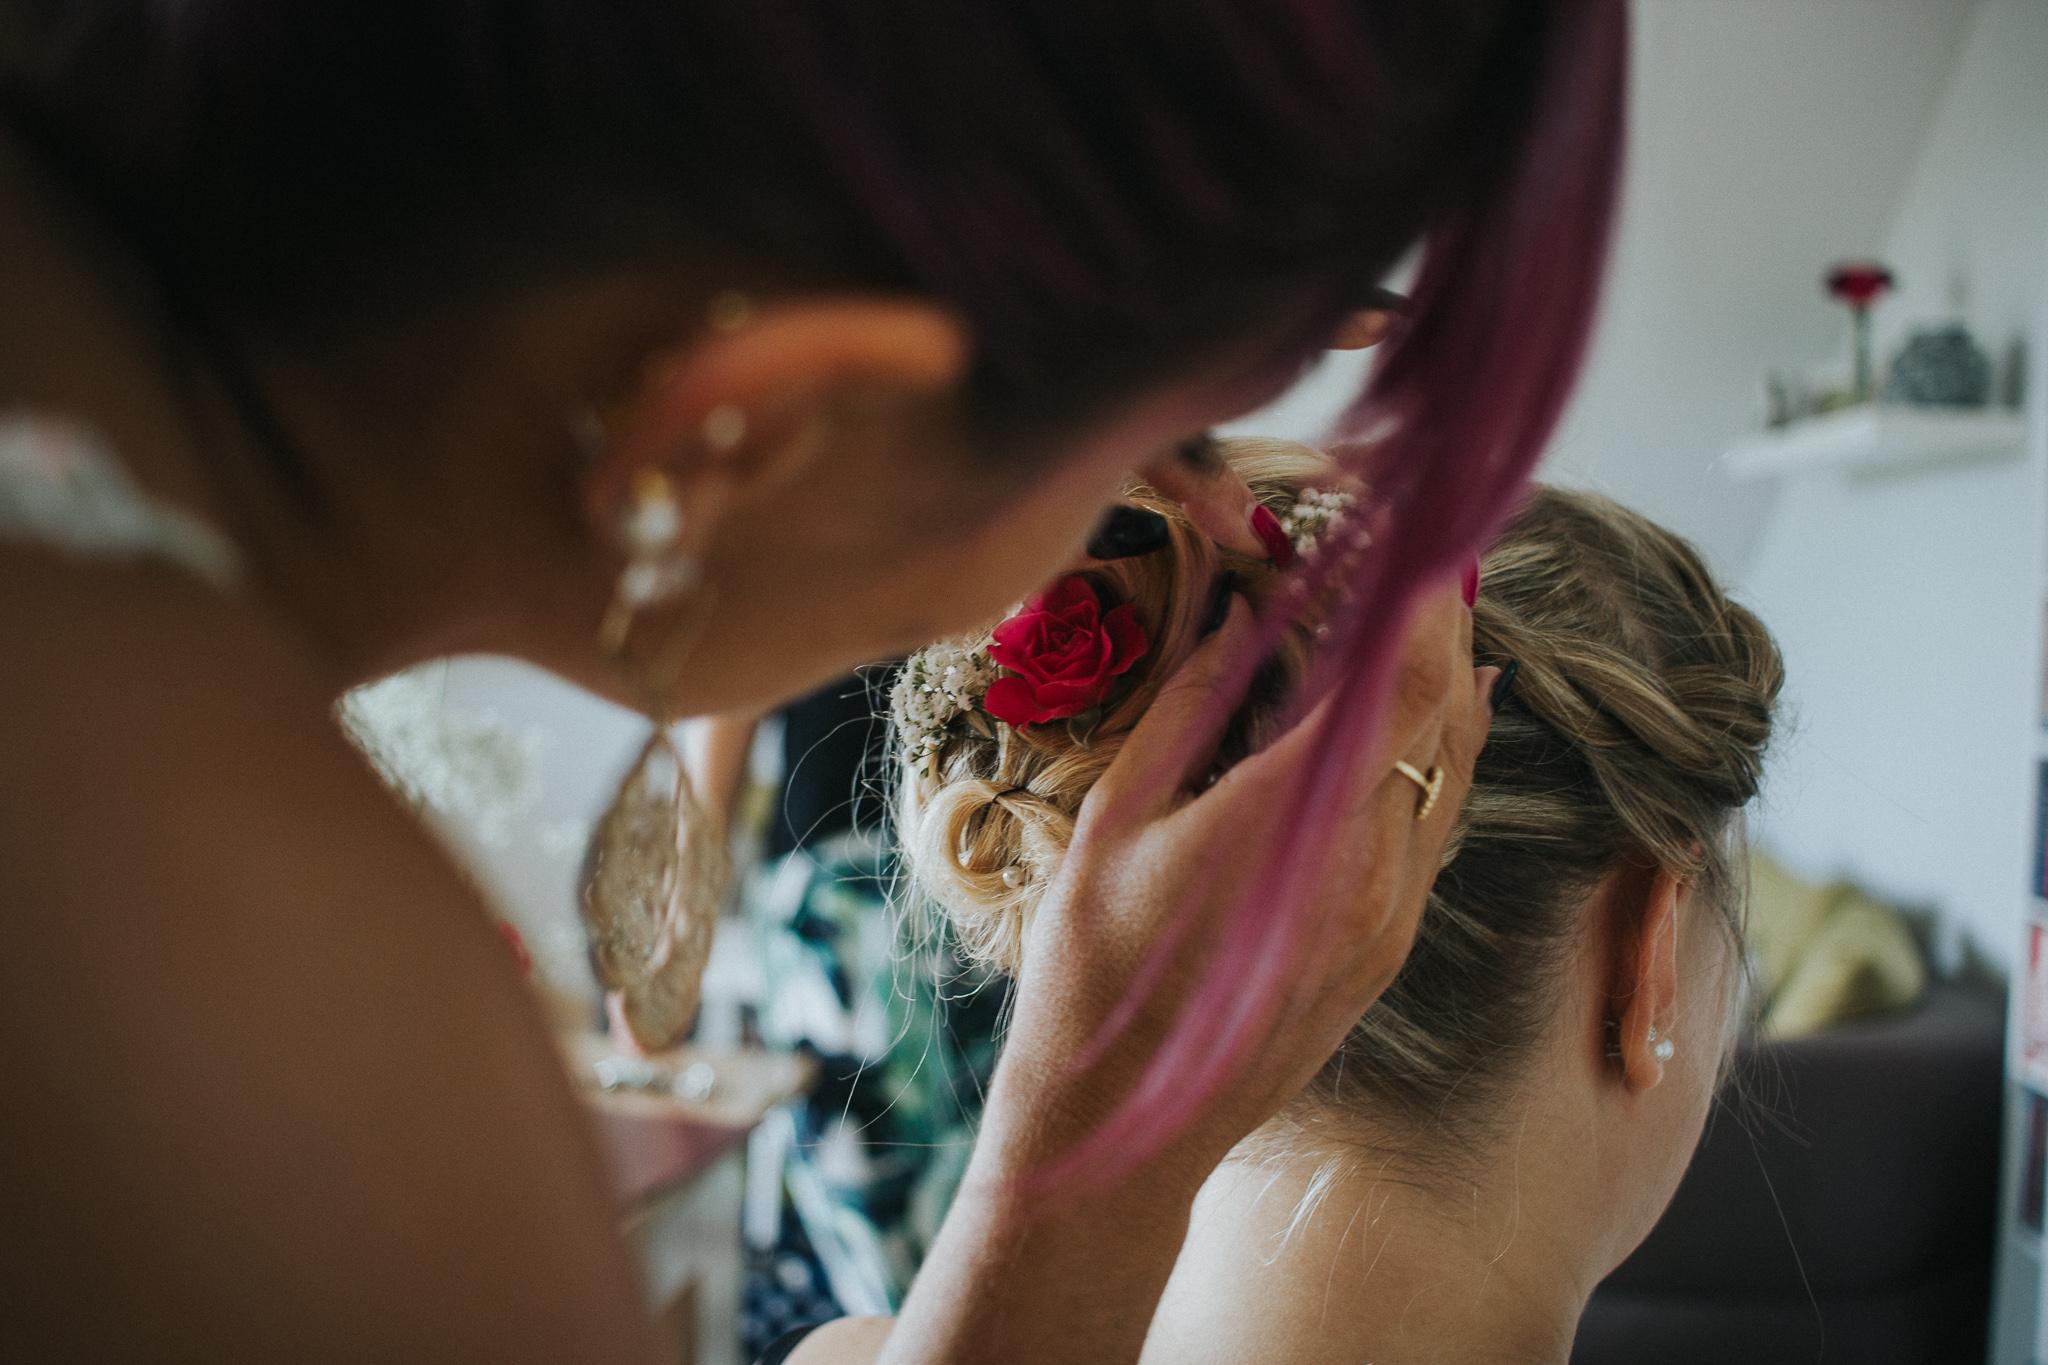 Frisur der Braut wird zurechtgemacht